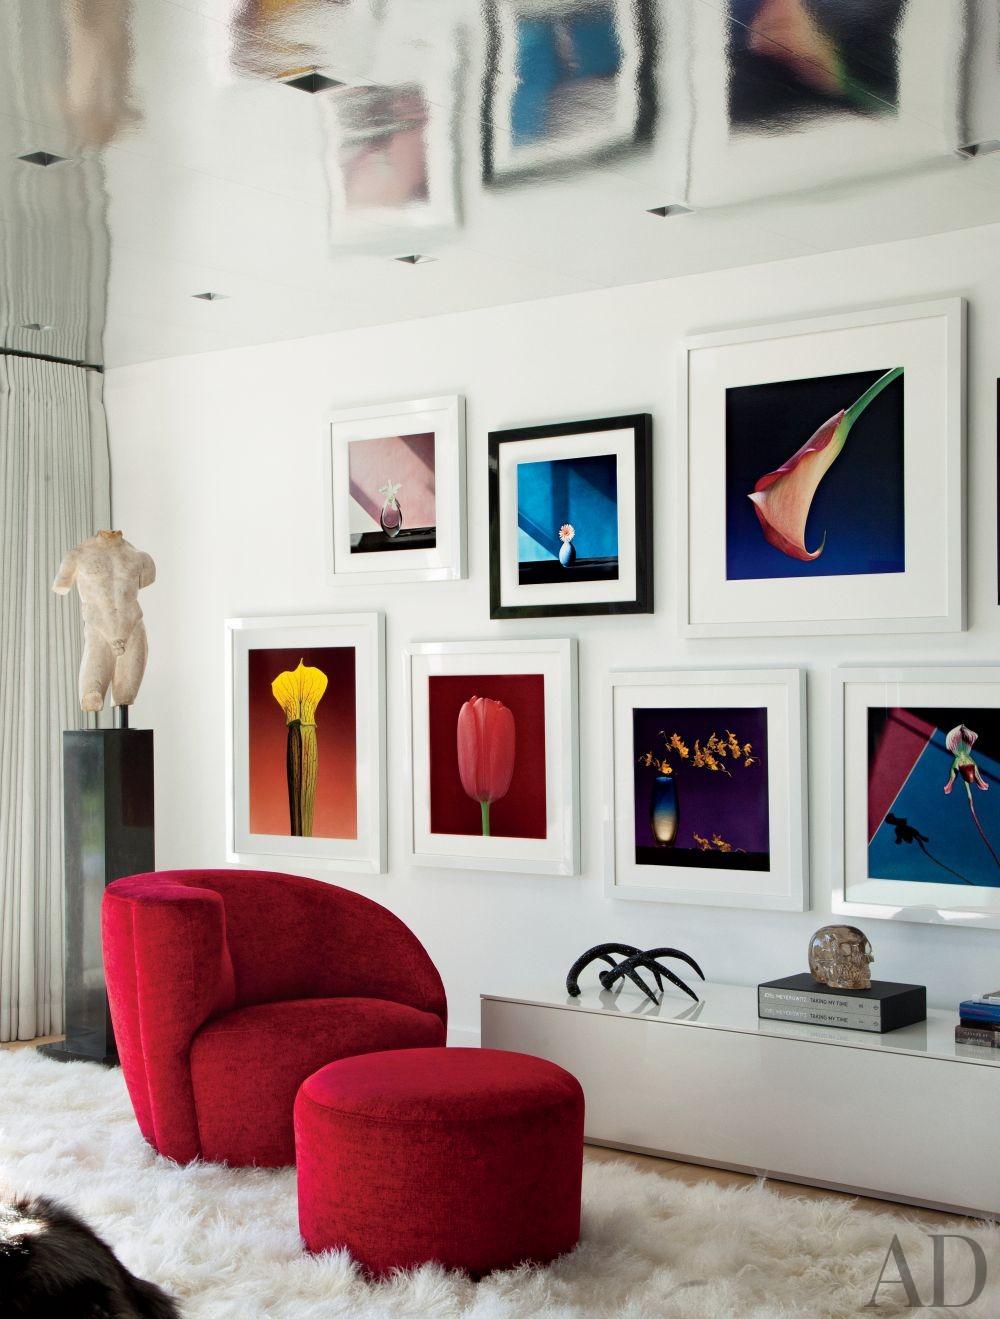 Contemporary Bedroom by Martyn Lawrence Bullard Design in Los  Angeles, California